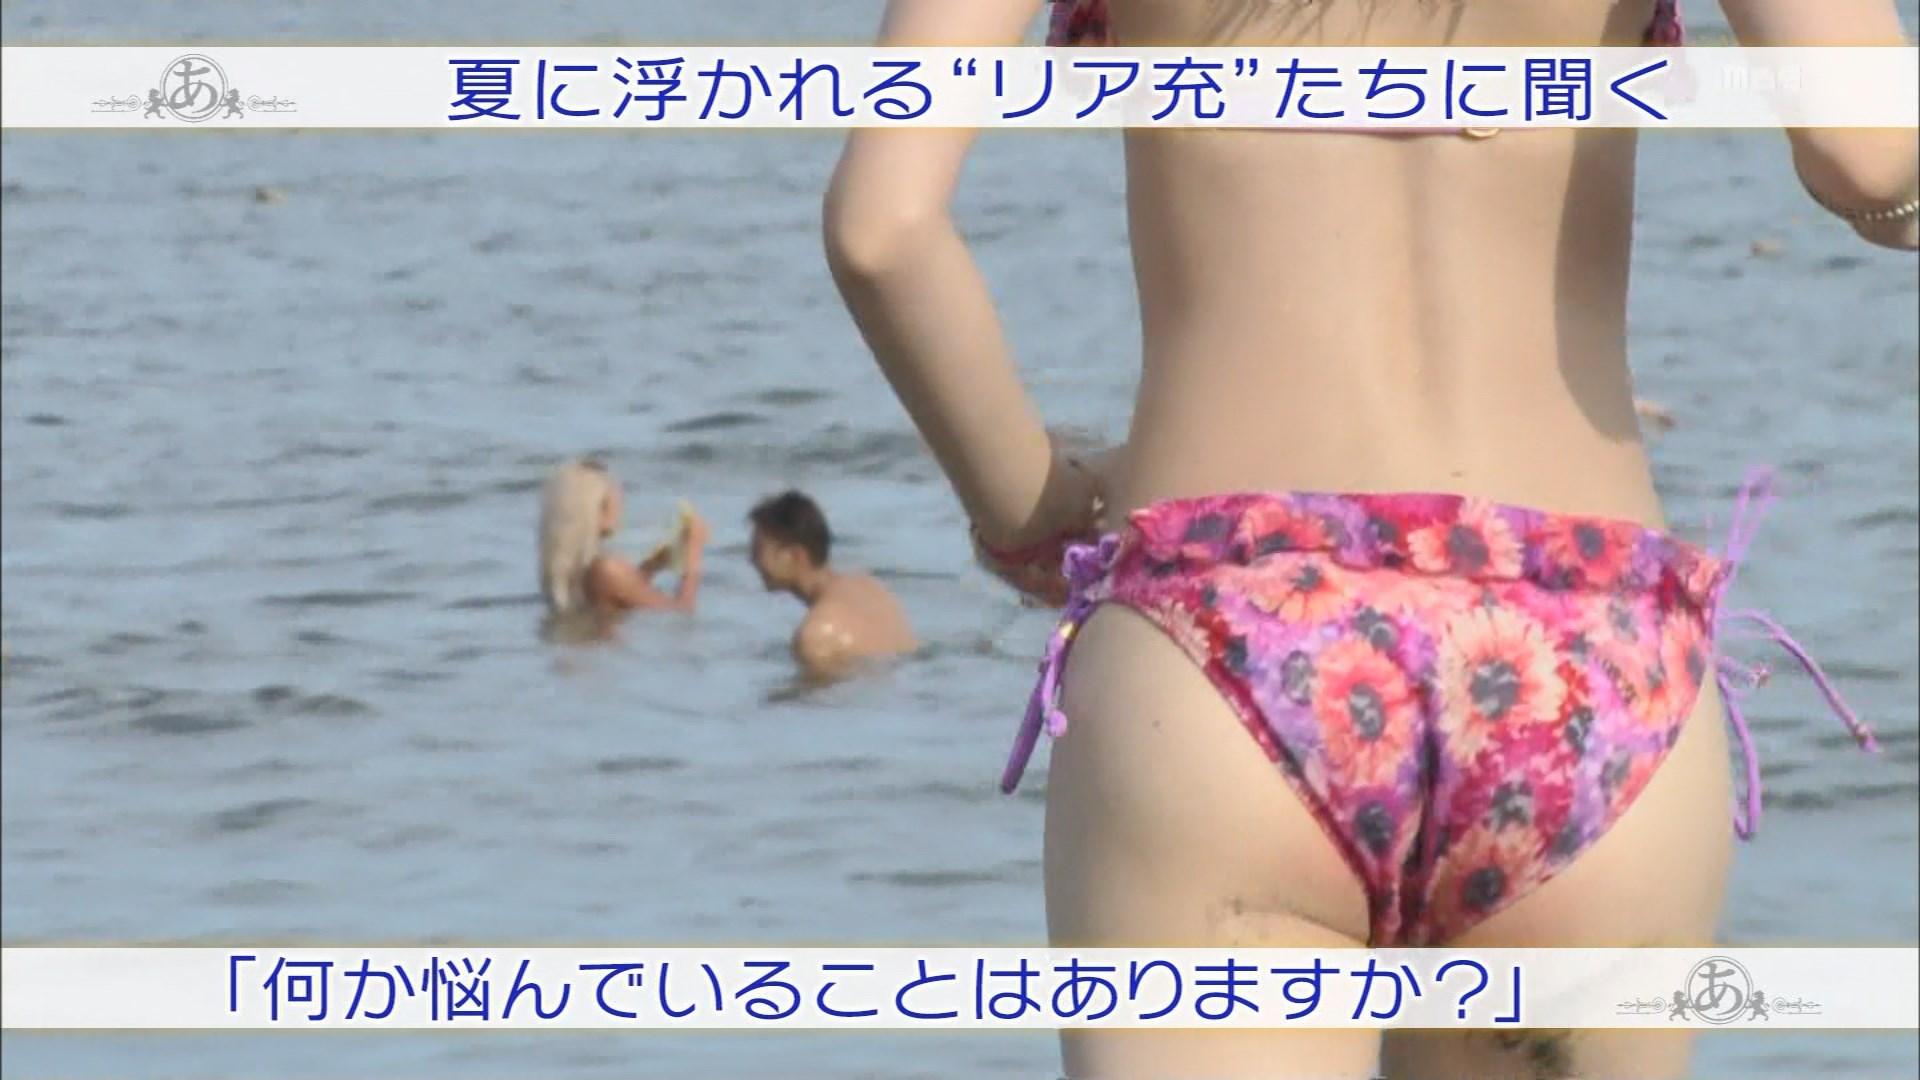 江ノ島にはお尻丸出し変態水着でナンパ待ちしてるビッチリア充が生息している模様wwwww(TVエロキャプ画像あり)・7枚目の画像